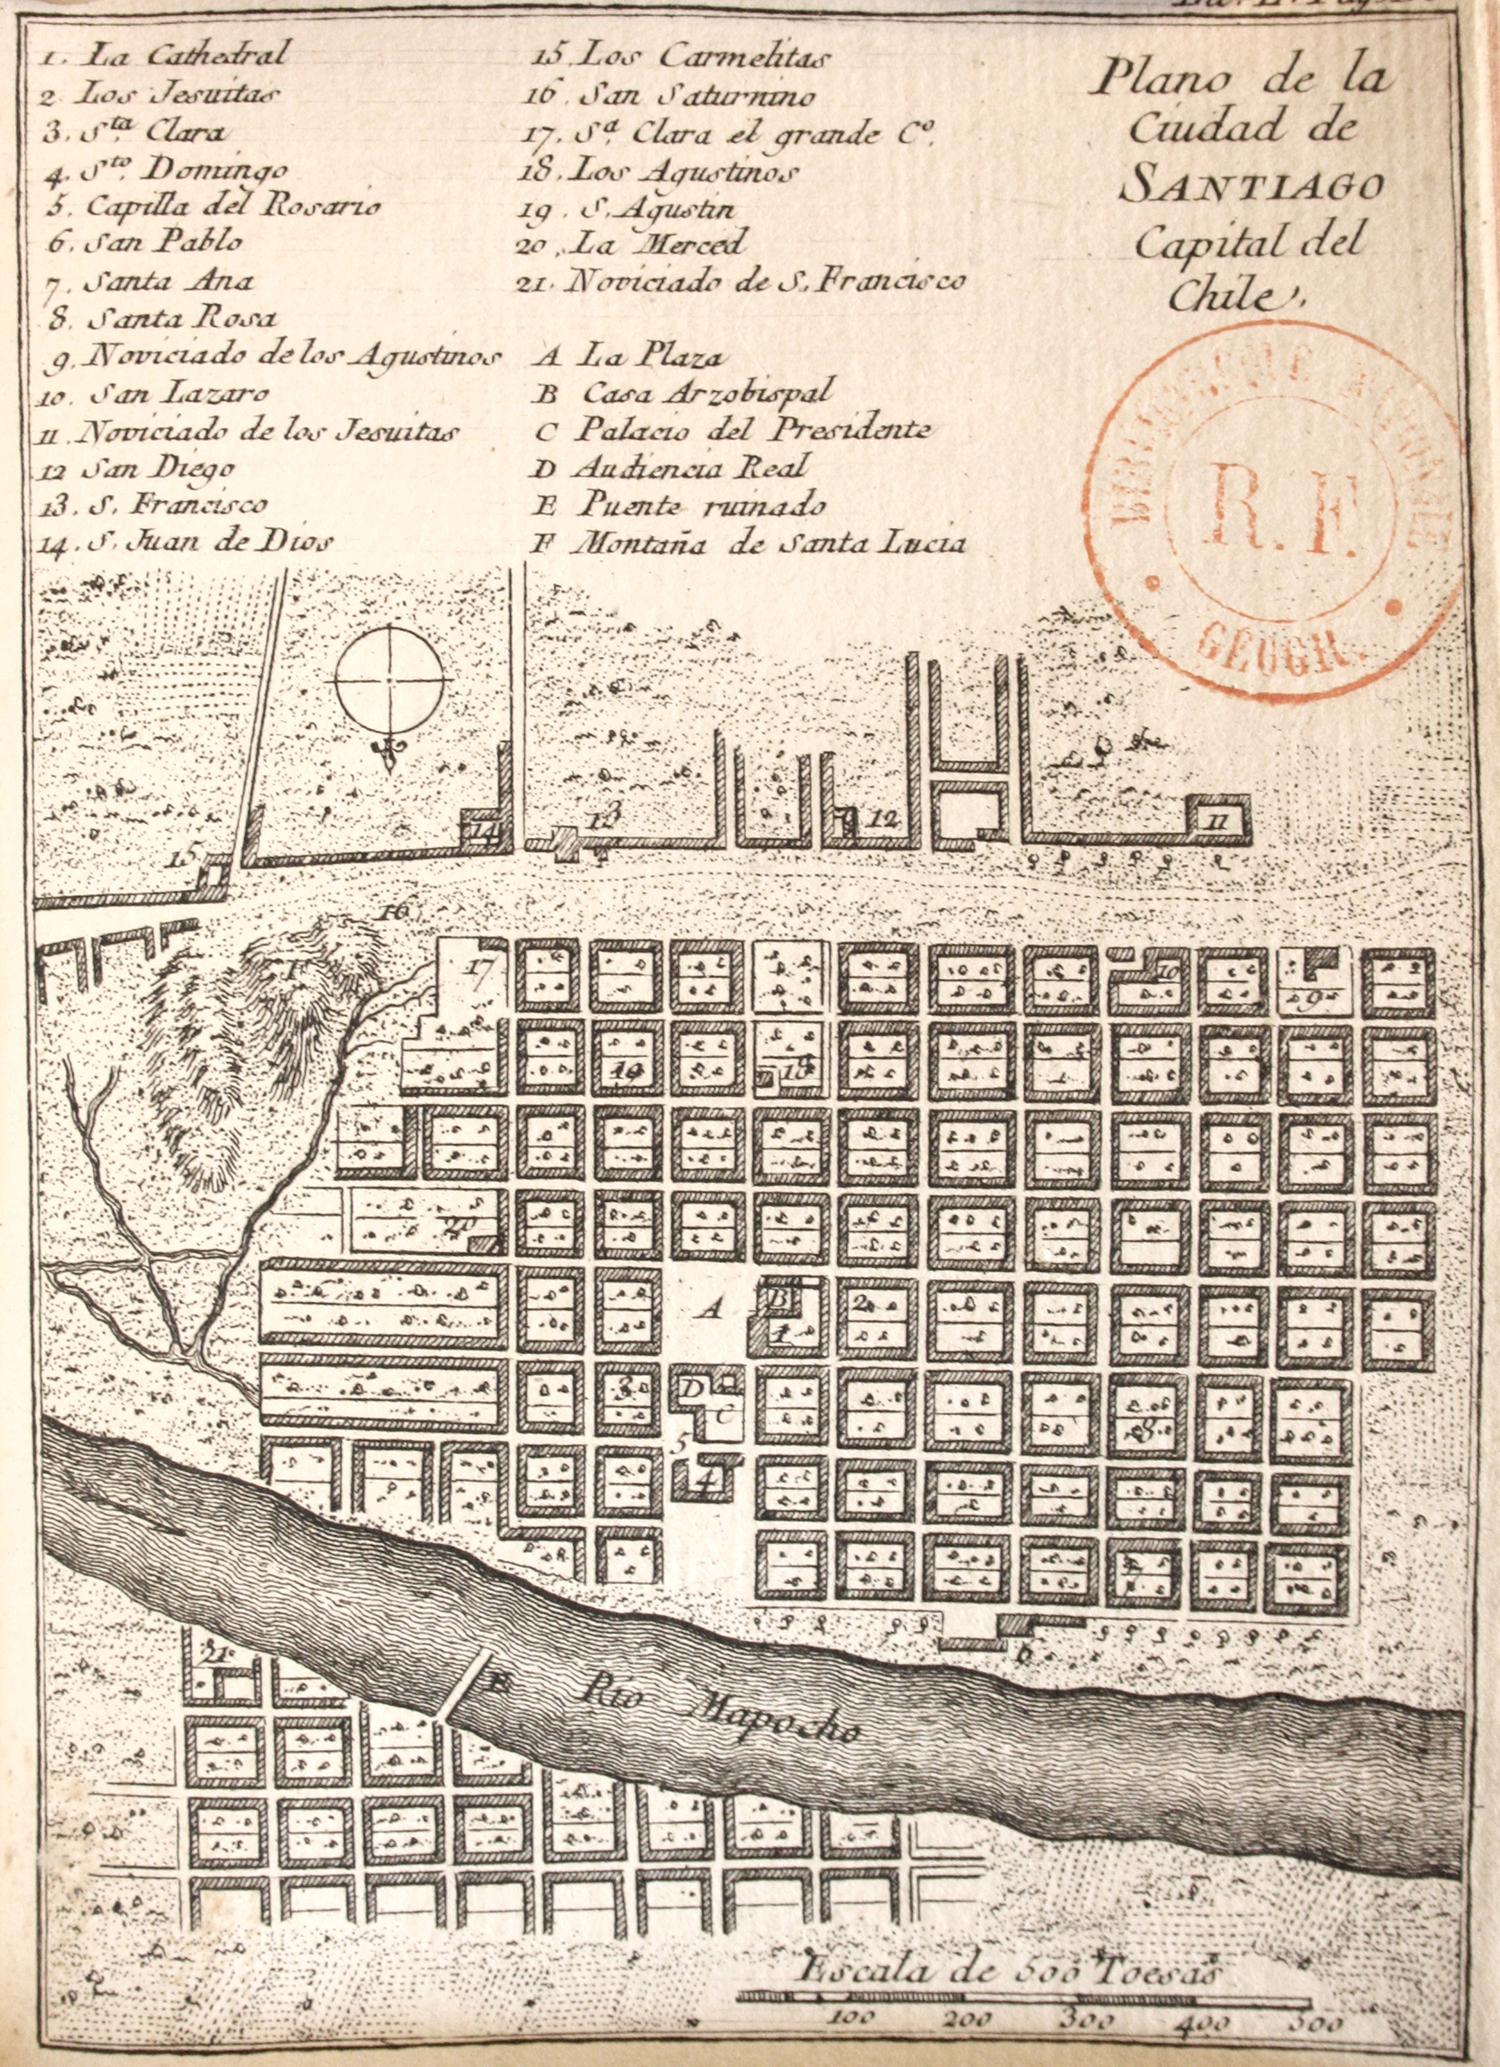 Mapa de Santiago de Chile en 1758.